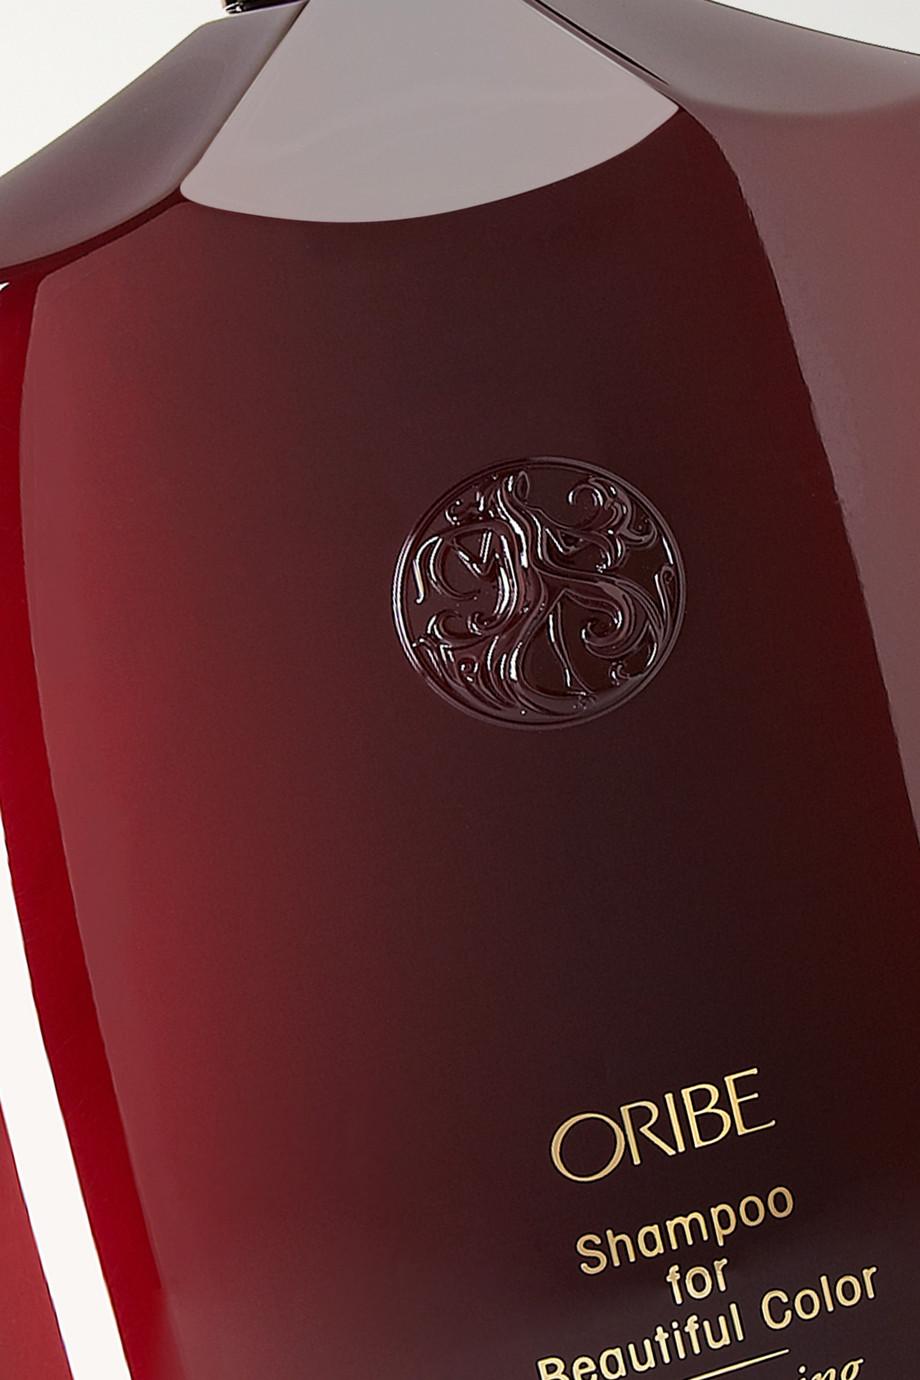 Oribe Shampoo for Beautiful Color, Large 1 l – Shampoo